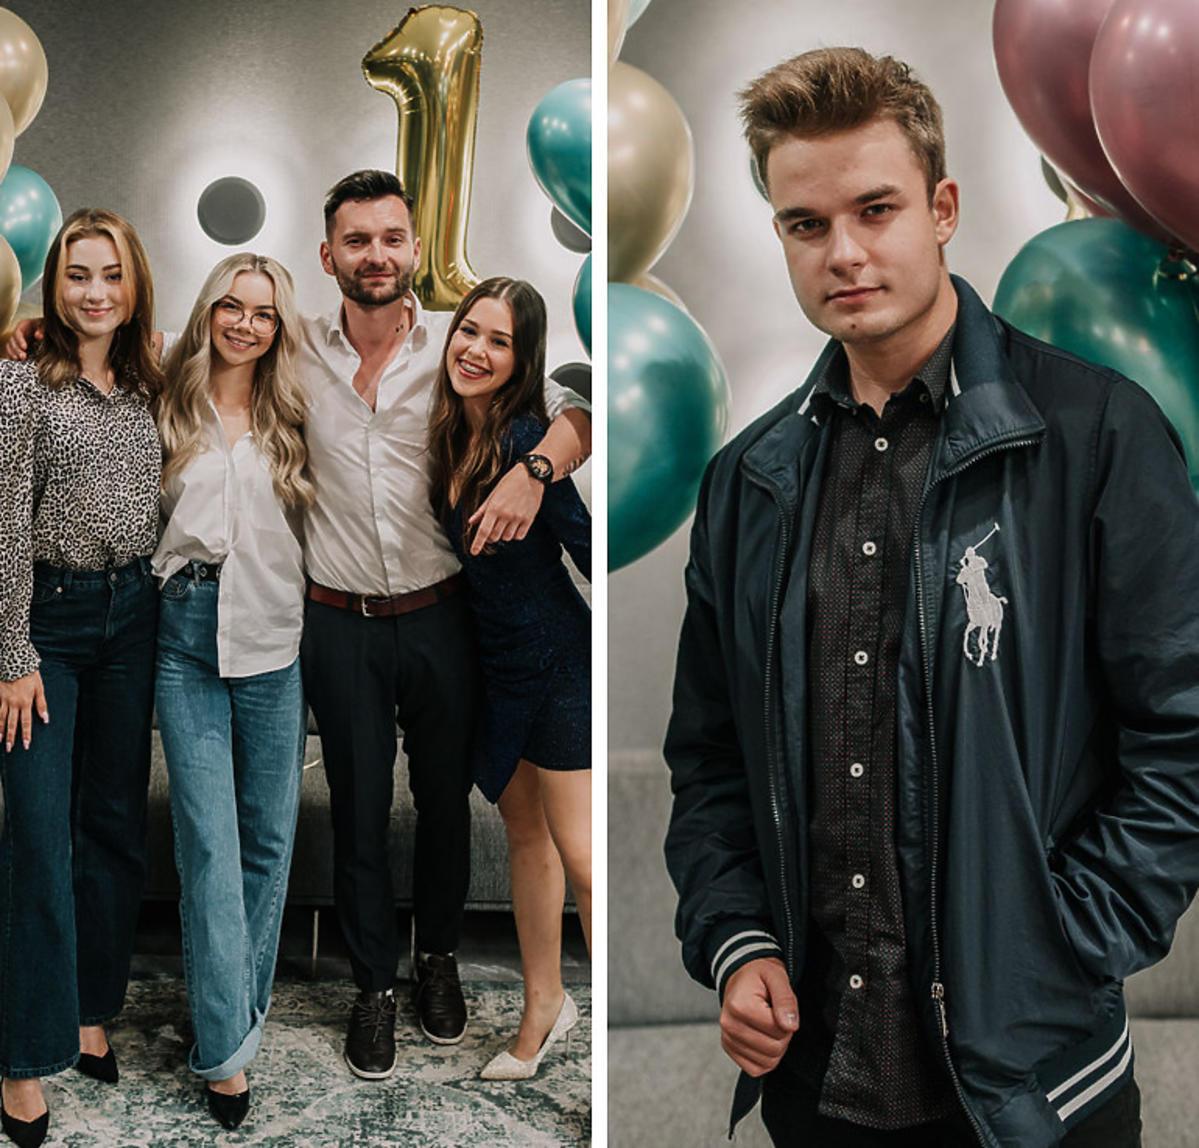 Gwiazdy TikToka i YouTube na urodzinach hotelu